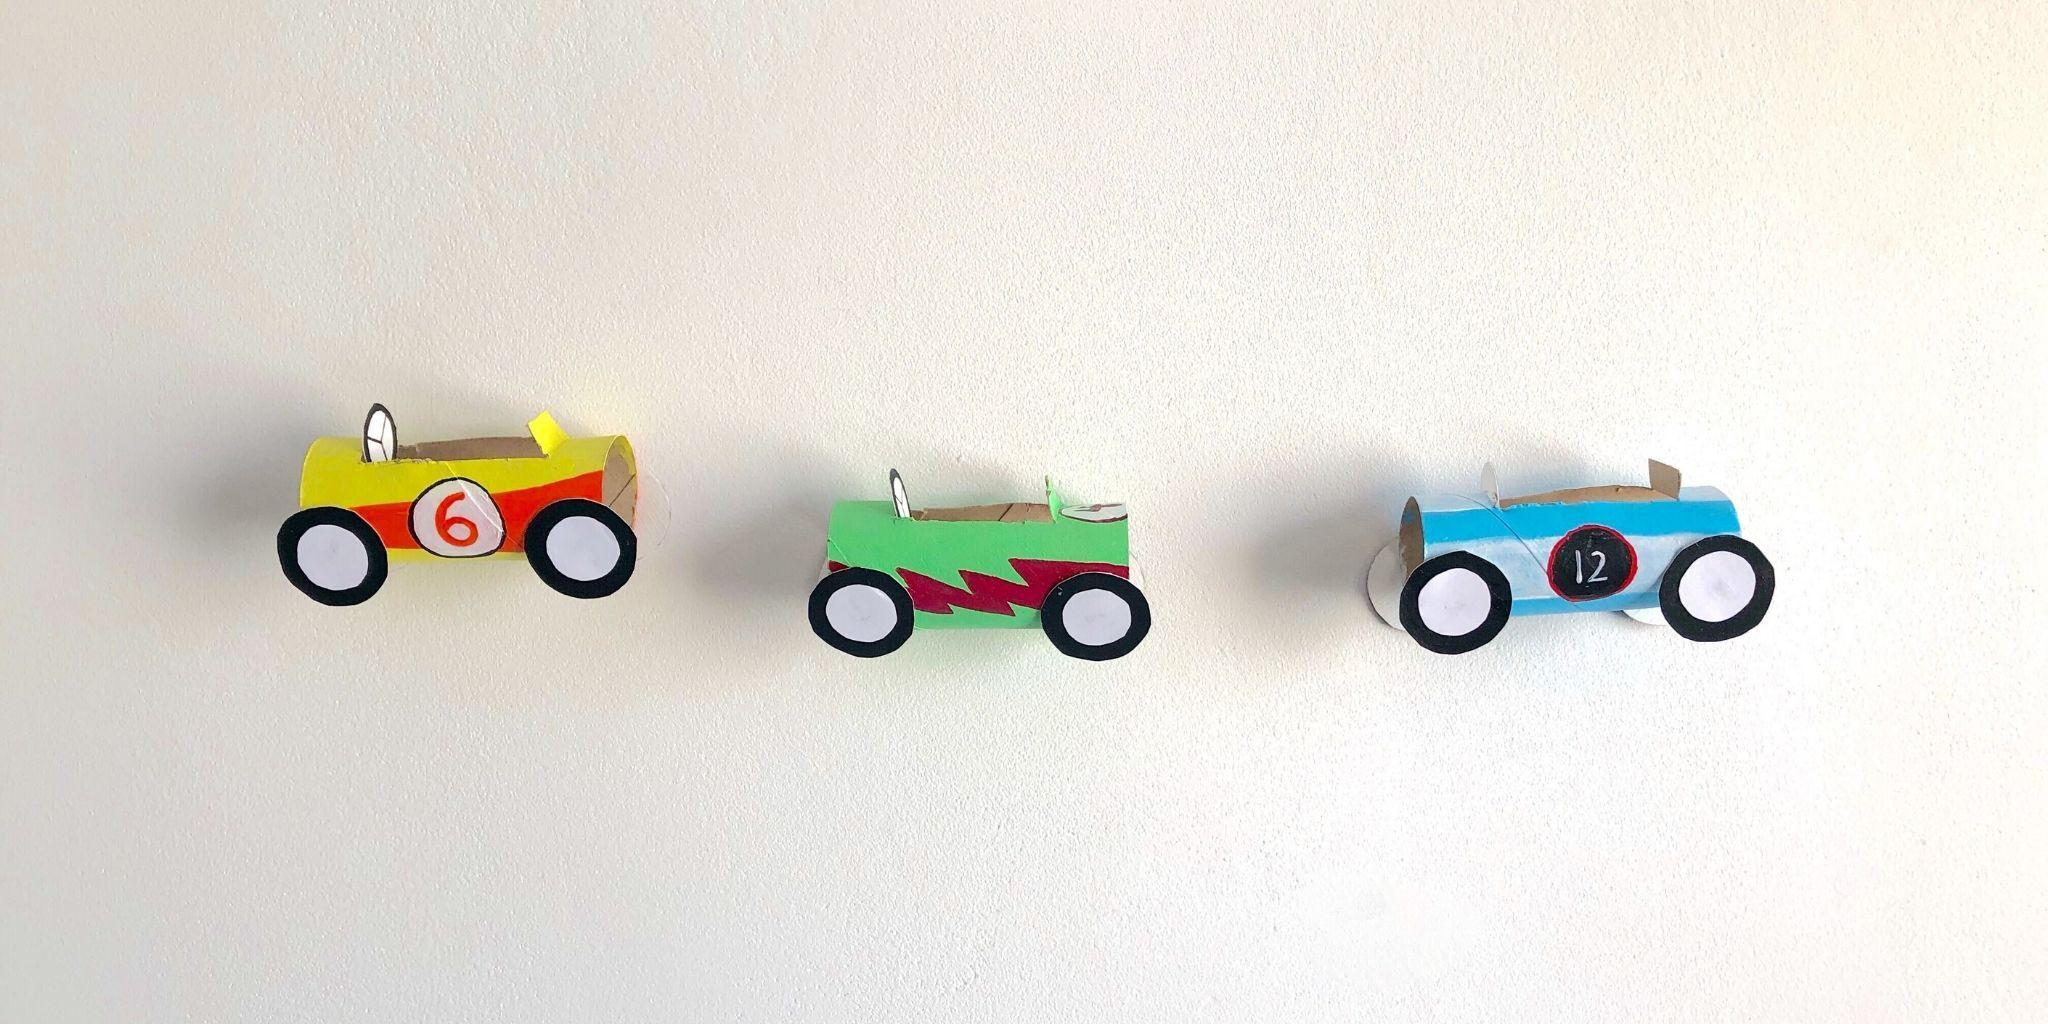 Samochody wyścigowe z rolki papieru toaletowego